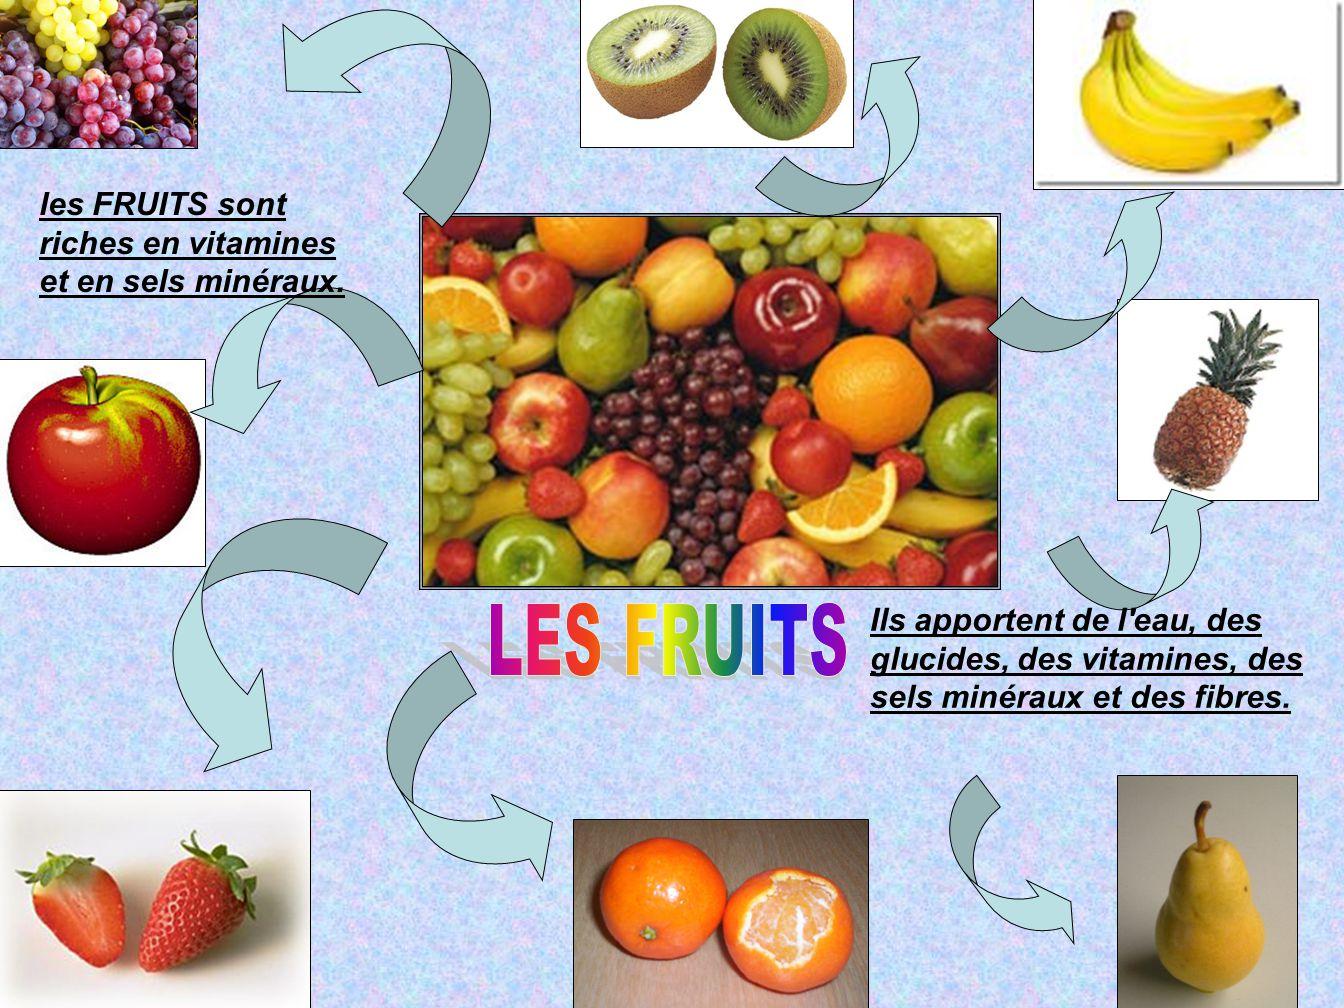 les FRUITS sont riches en vitamines et en sels minéraux.